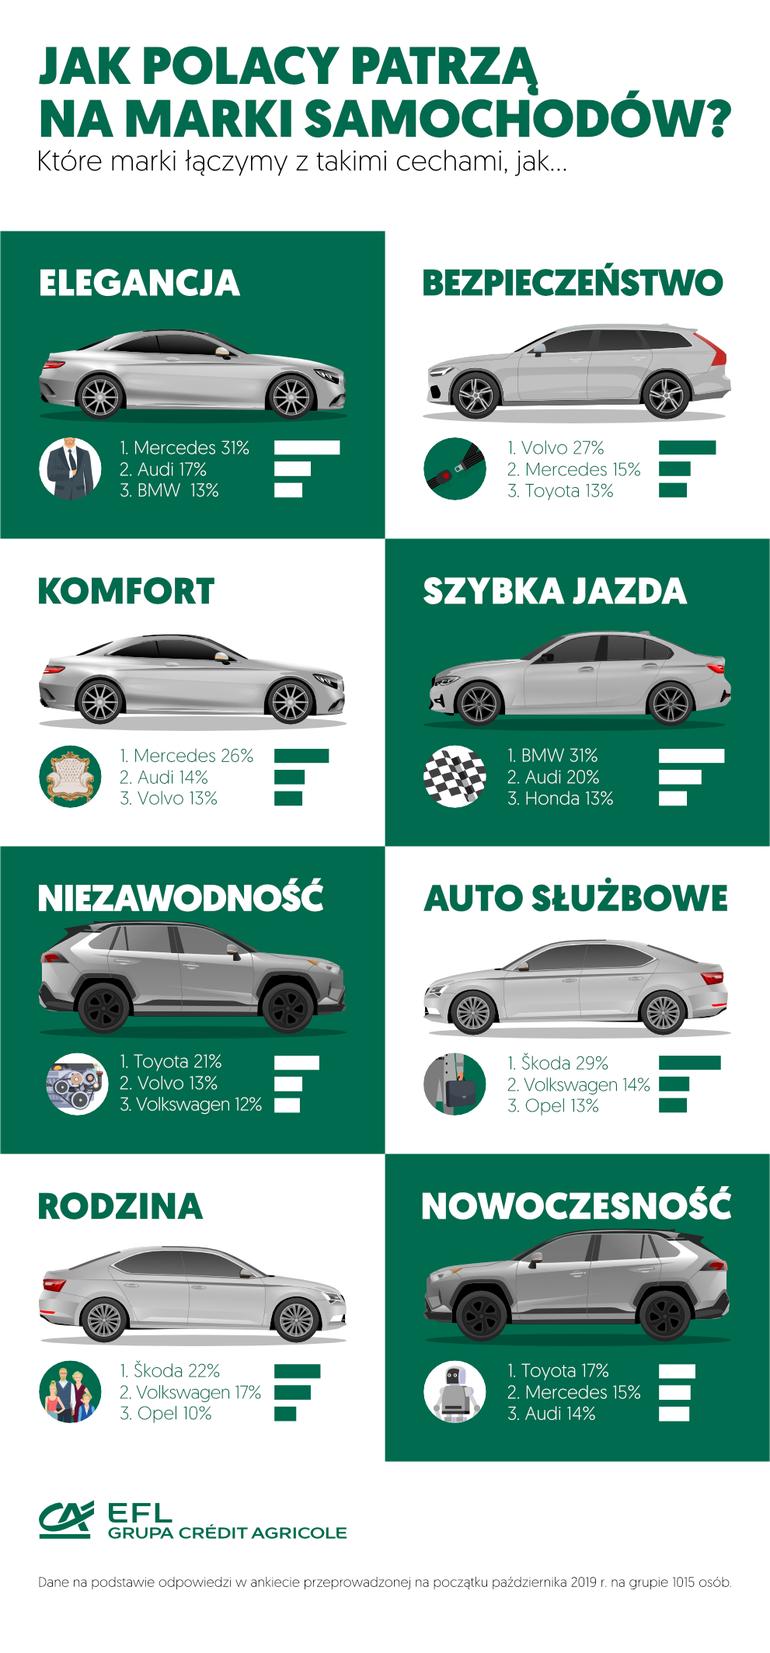 Z czym kojarzą nam się popularne marki samochodów?